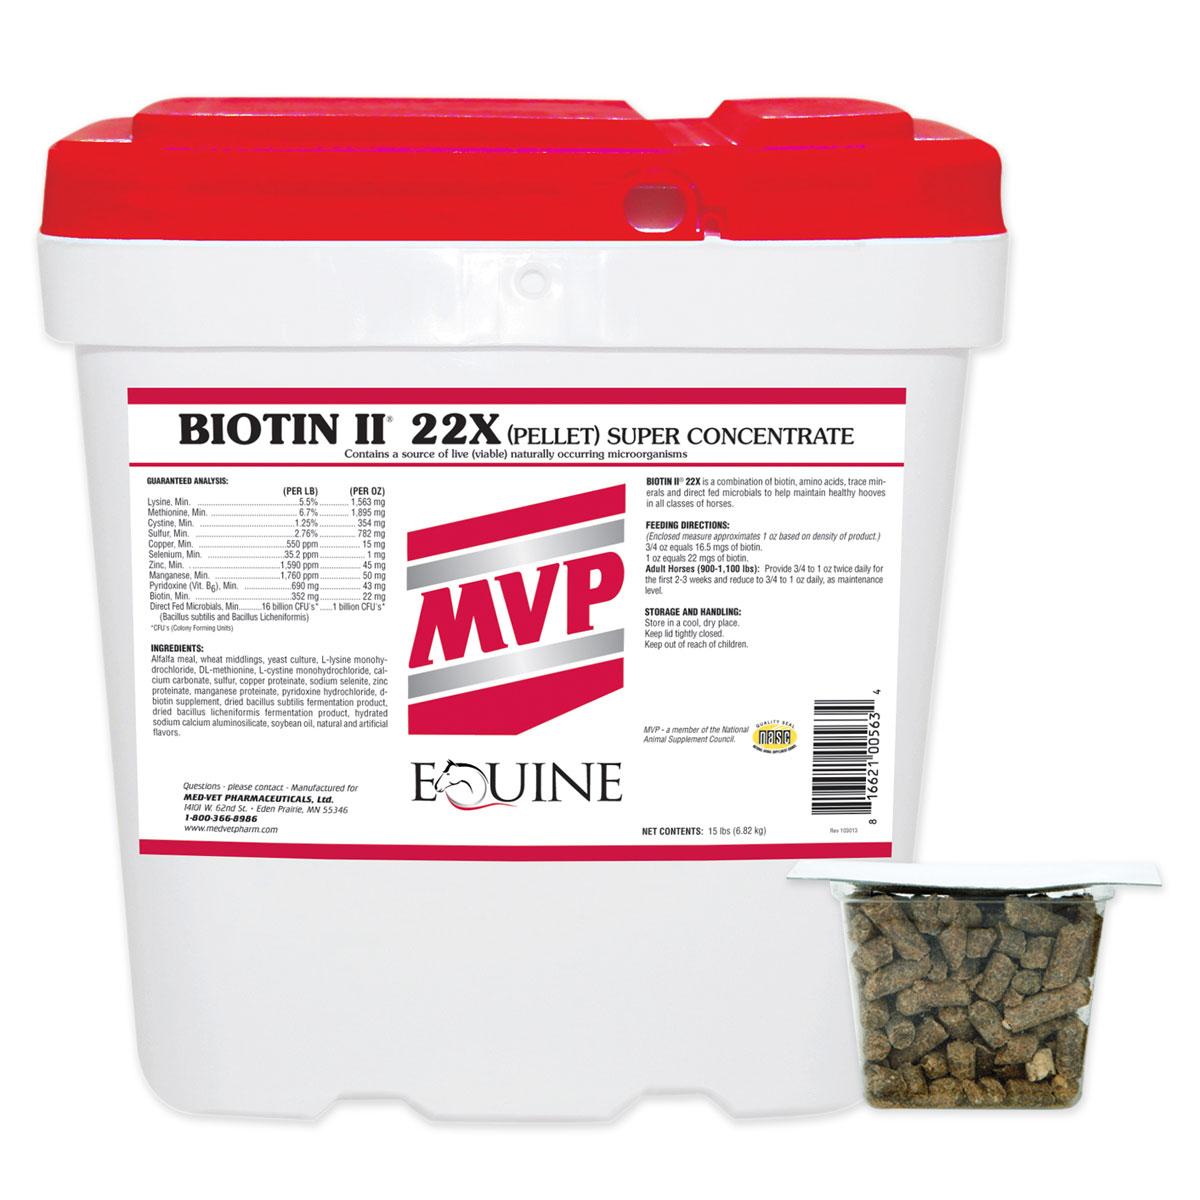 Biotin II 22X